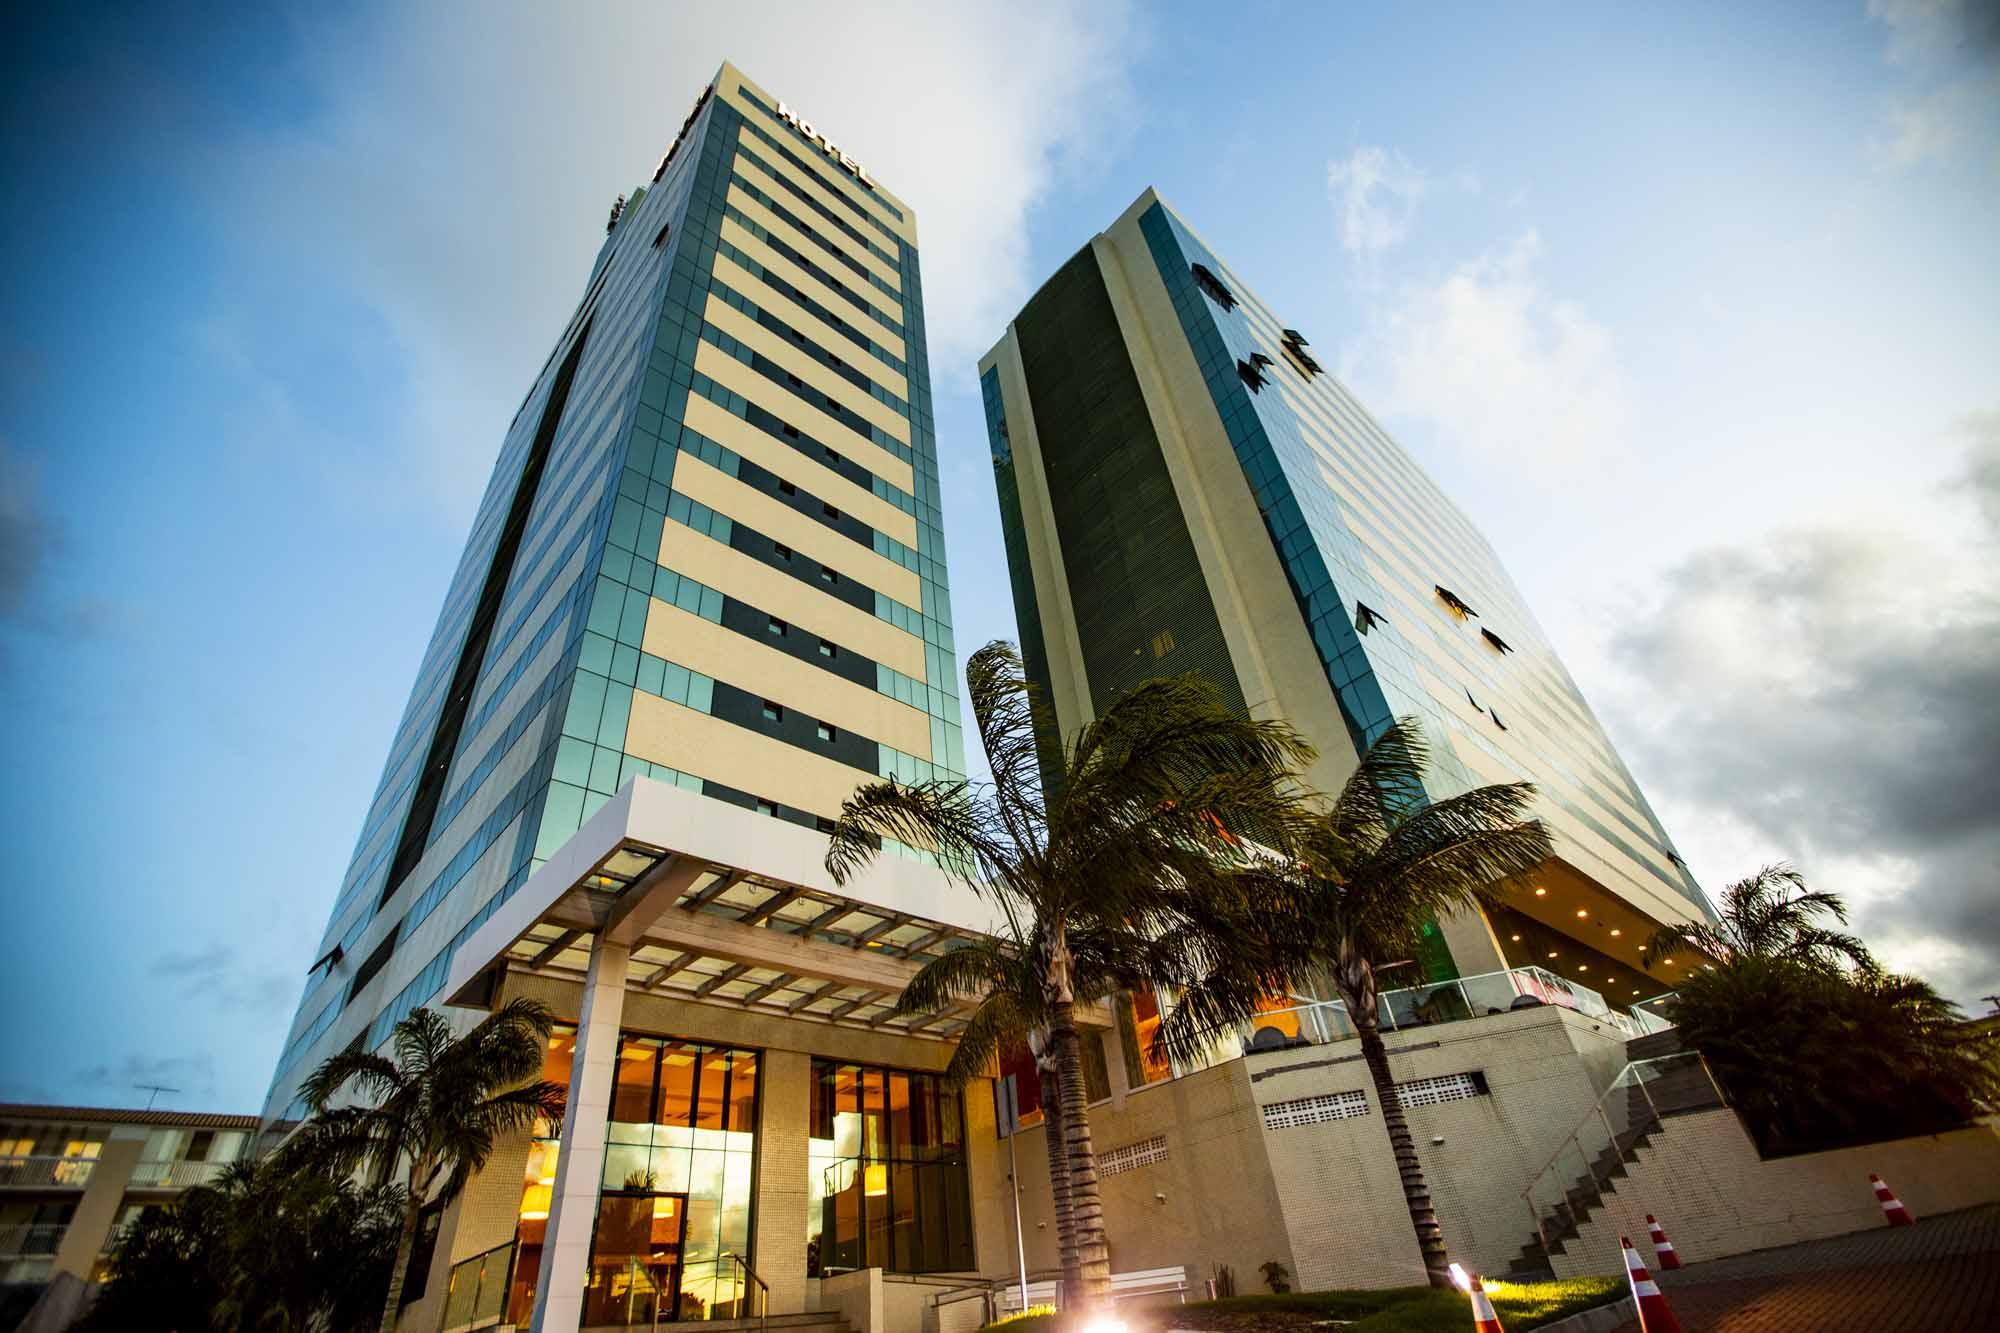 http://lugarperfeito.com/guia-de-lugares/cidade/lugar/pontos-turisticos/lugares-imperdiveis-em-aracaju